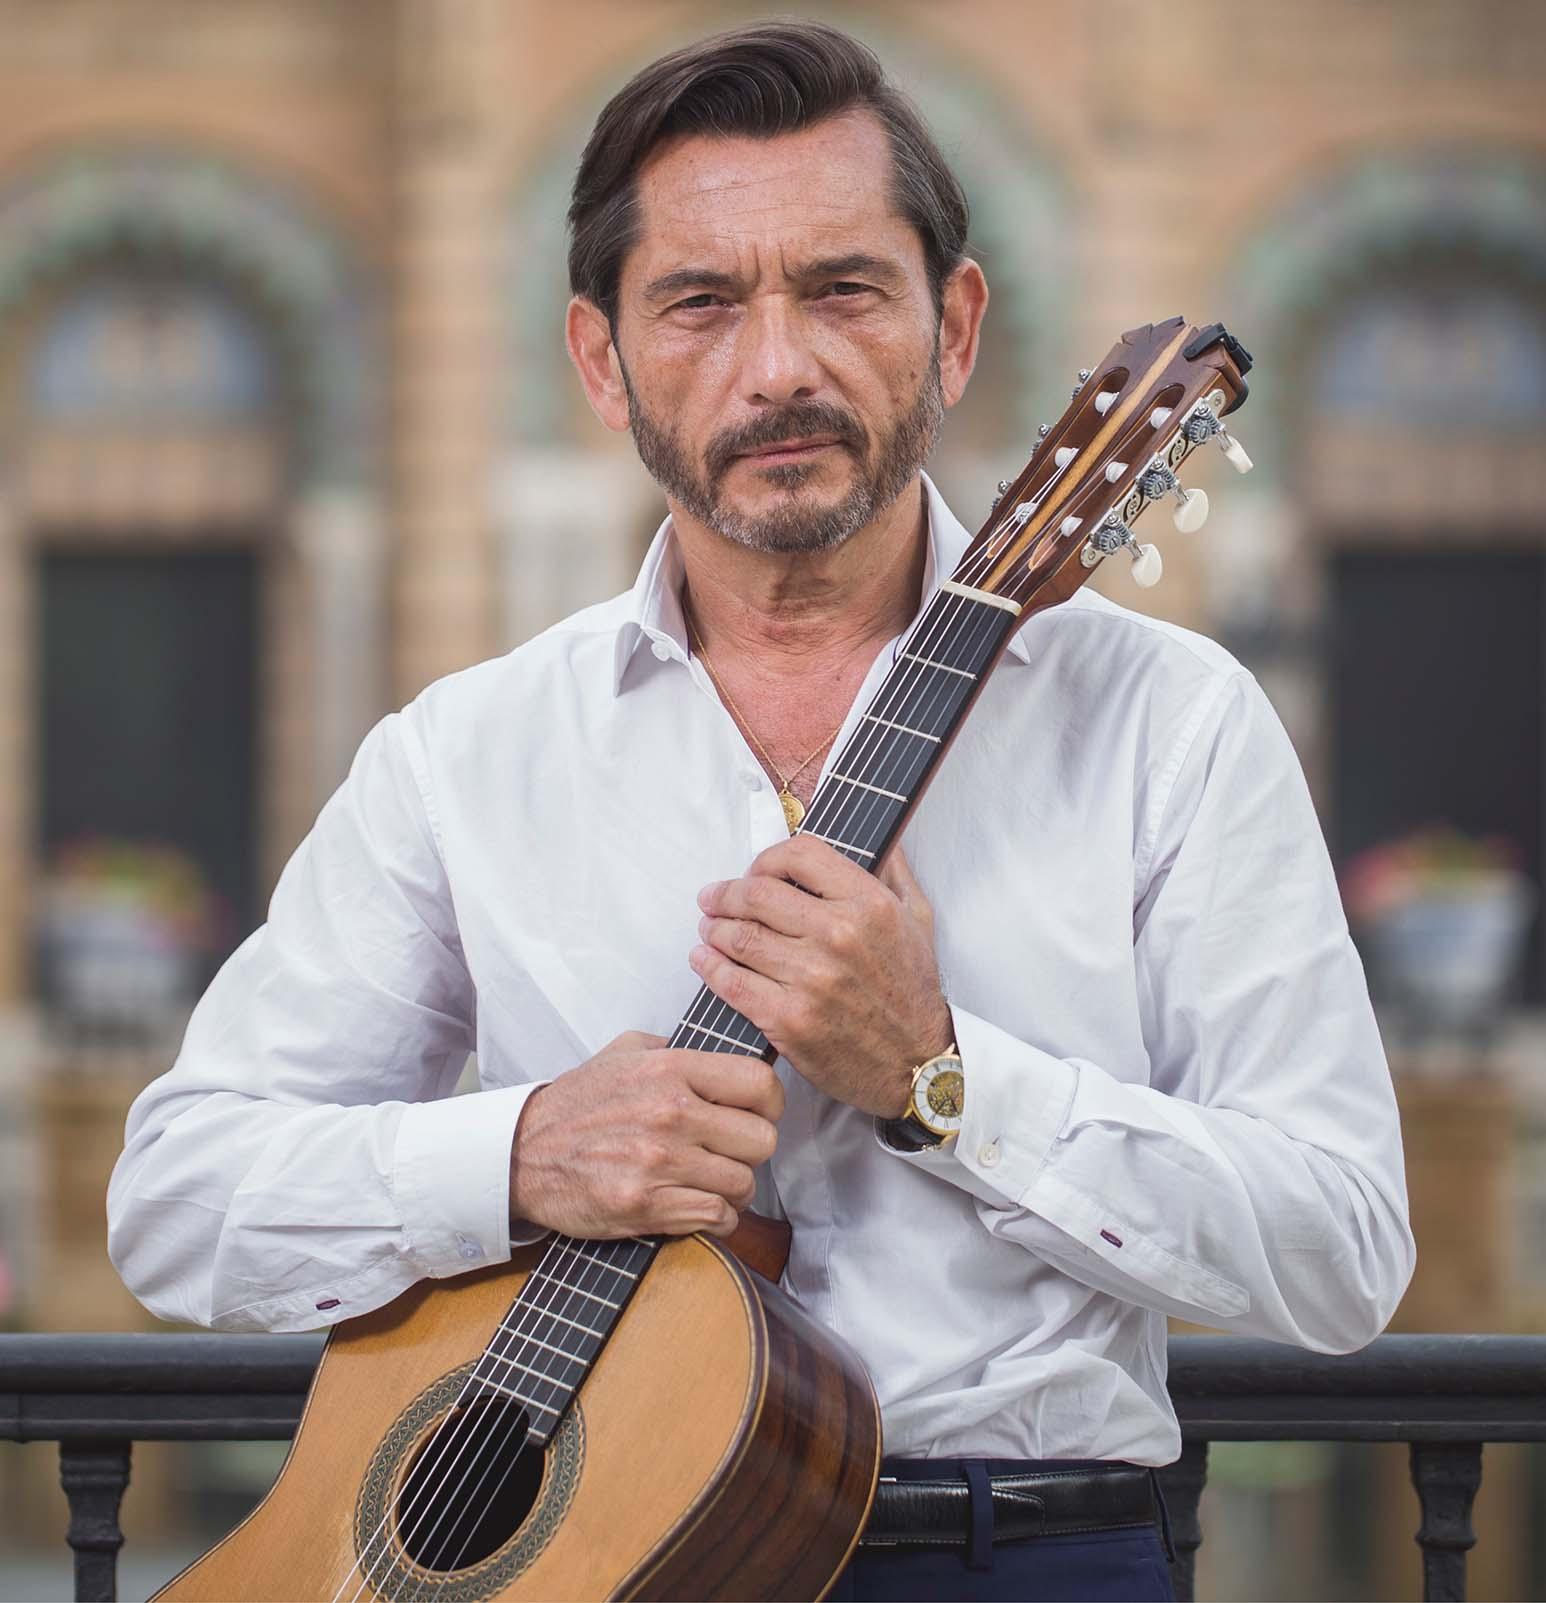 José María Gallardo Del Rey. About Me